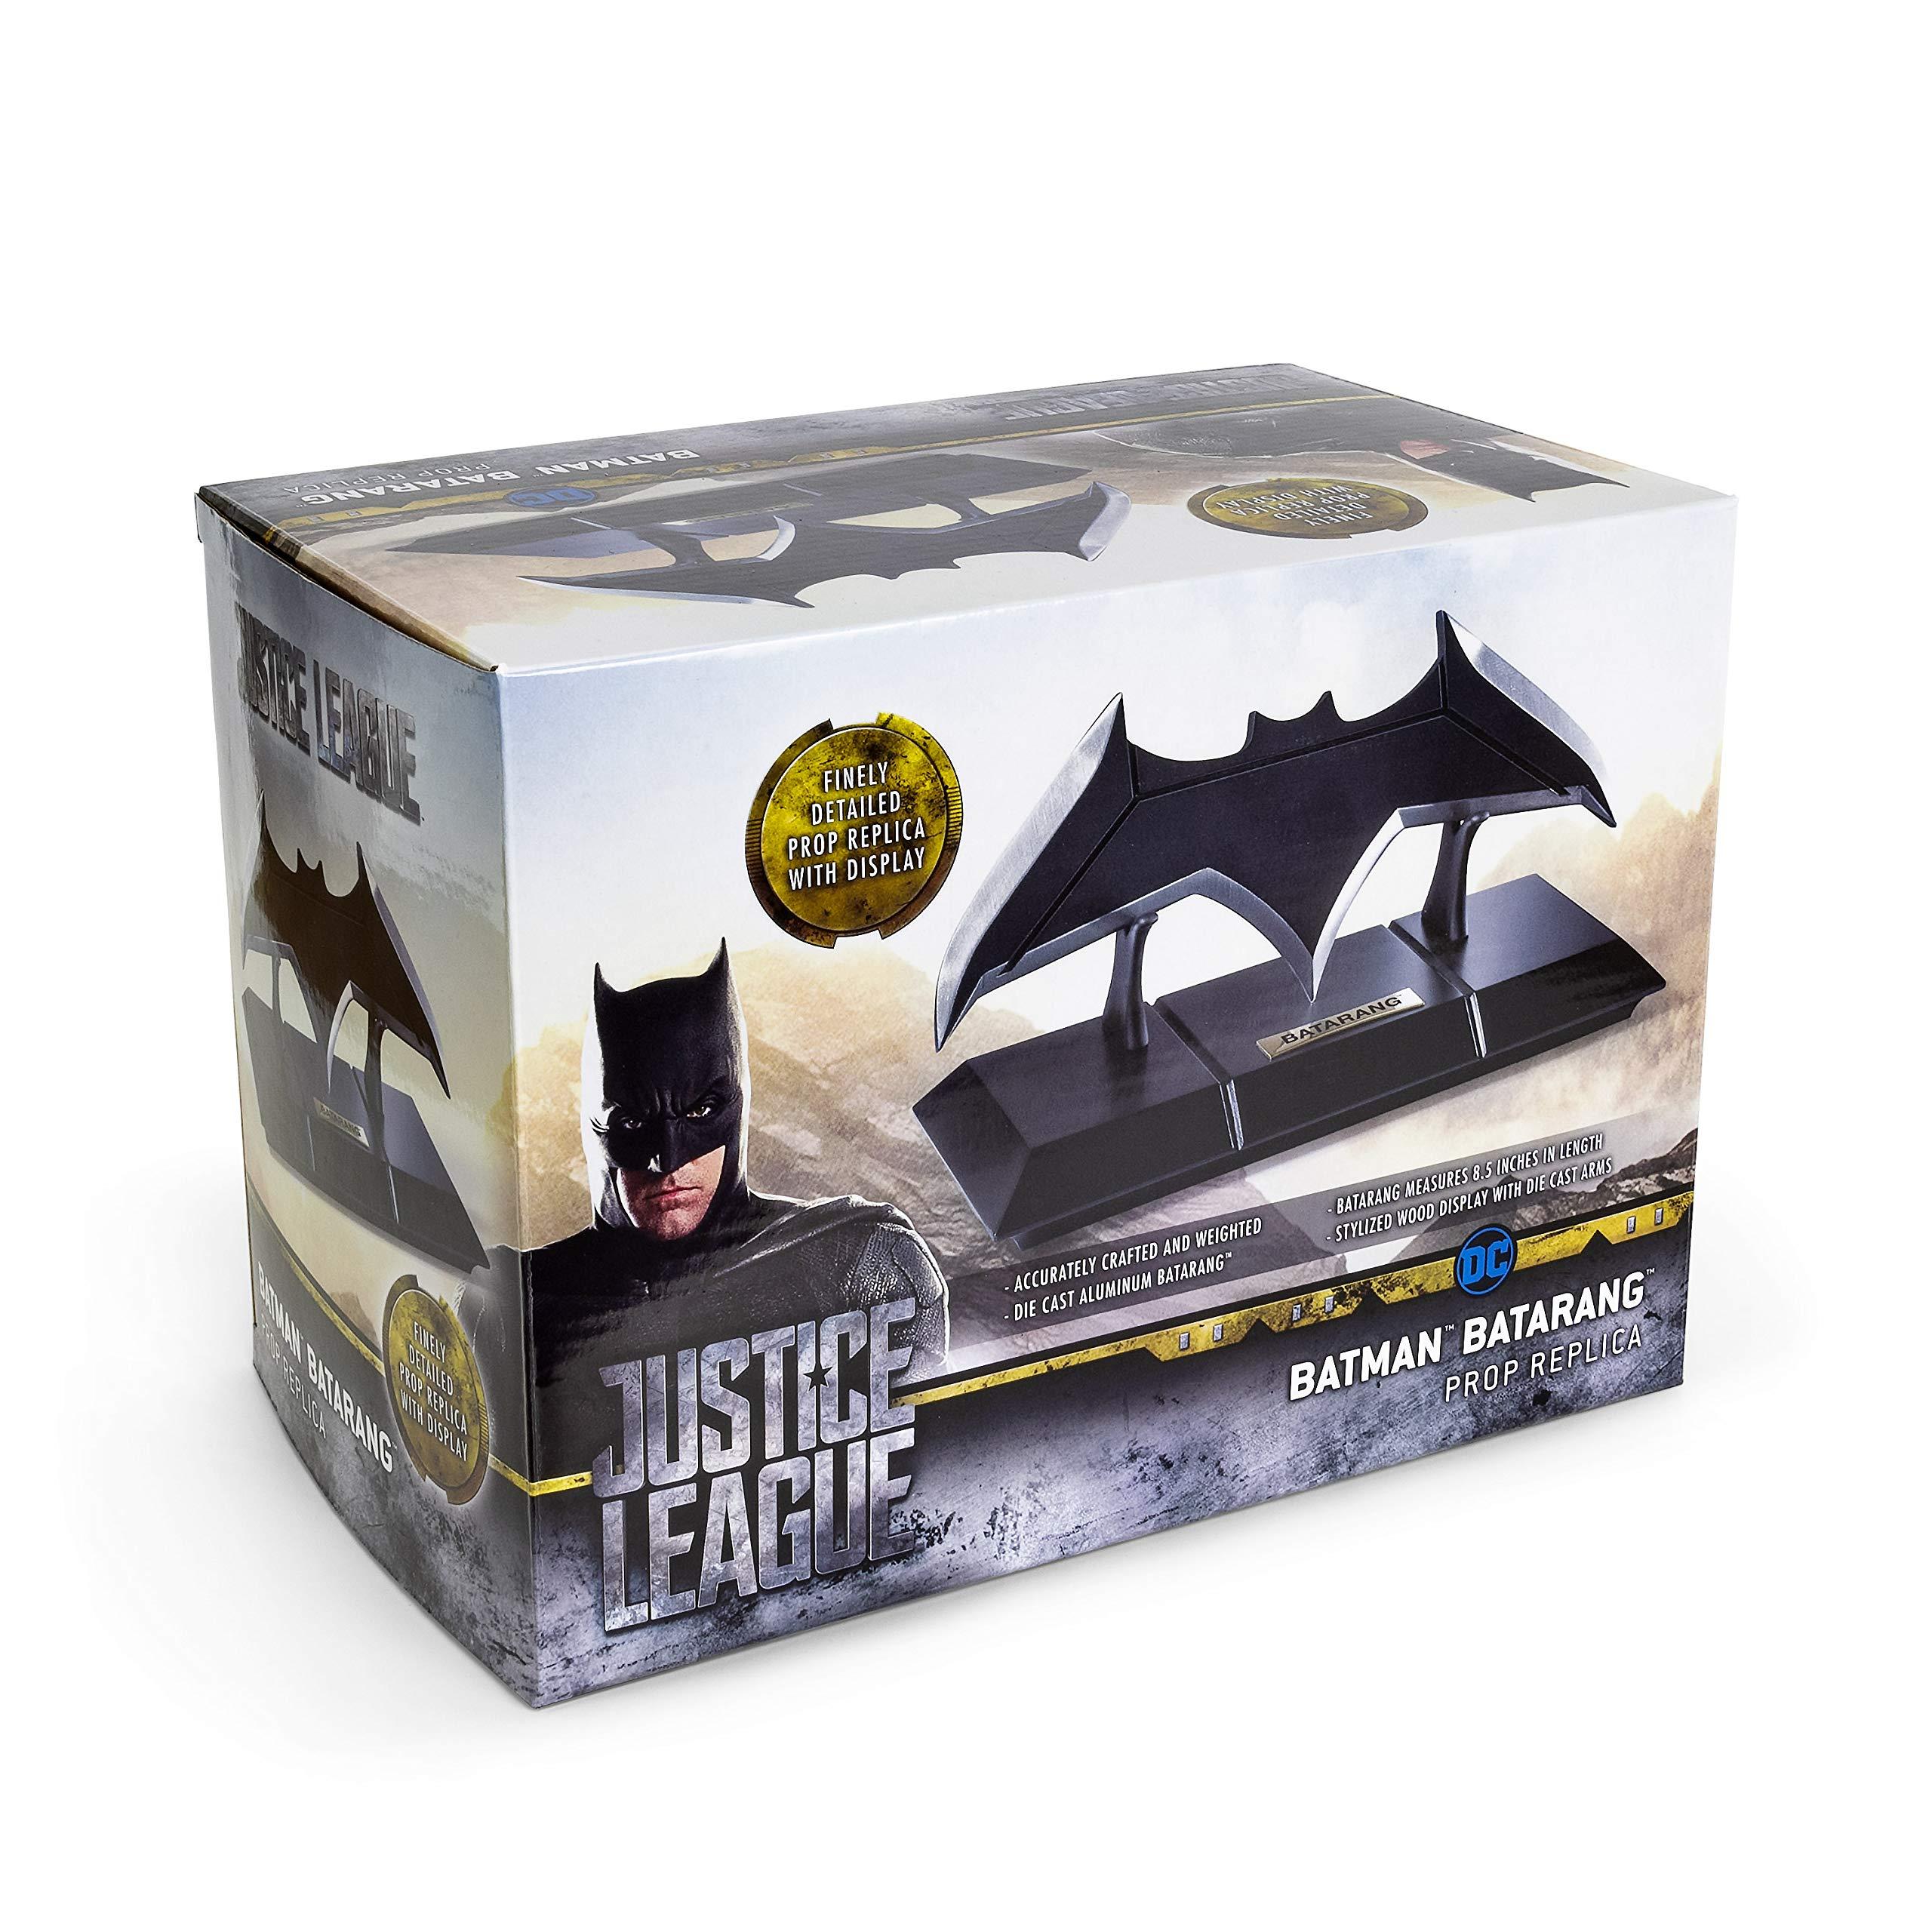 The Noble Collection Batman Batarang and Display